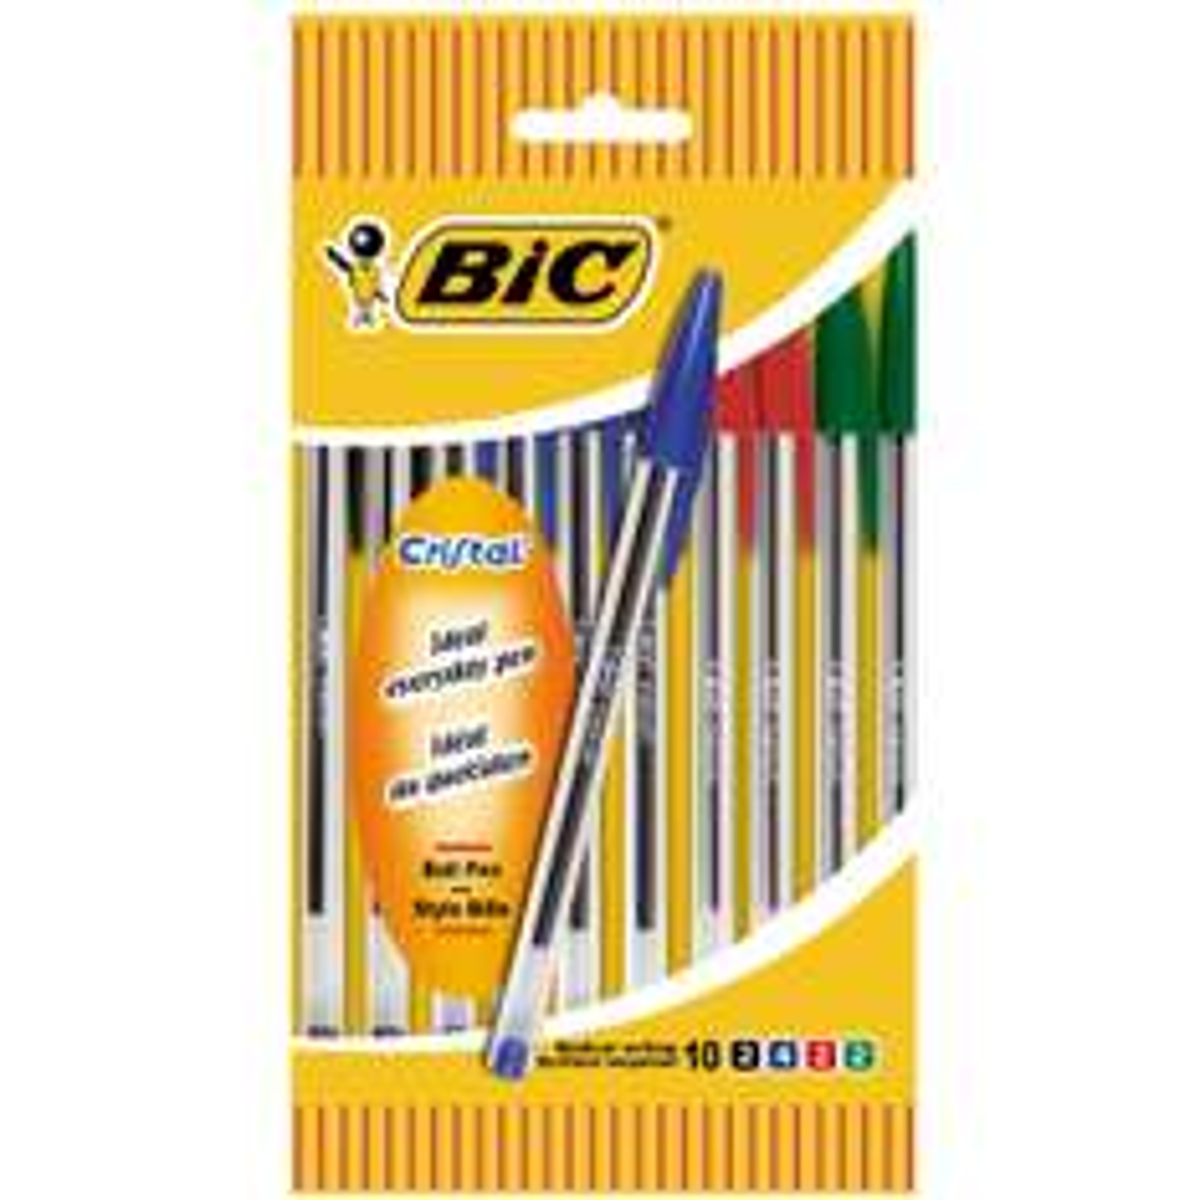 30% crédités sur la carte de fidélité sur une sélection de produits Bic - Ex : lot de 20 Bic Cristal (via 0,6€ sur la carte)